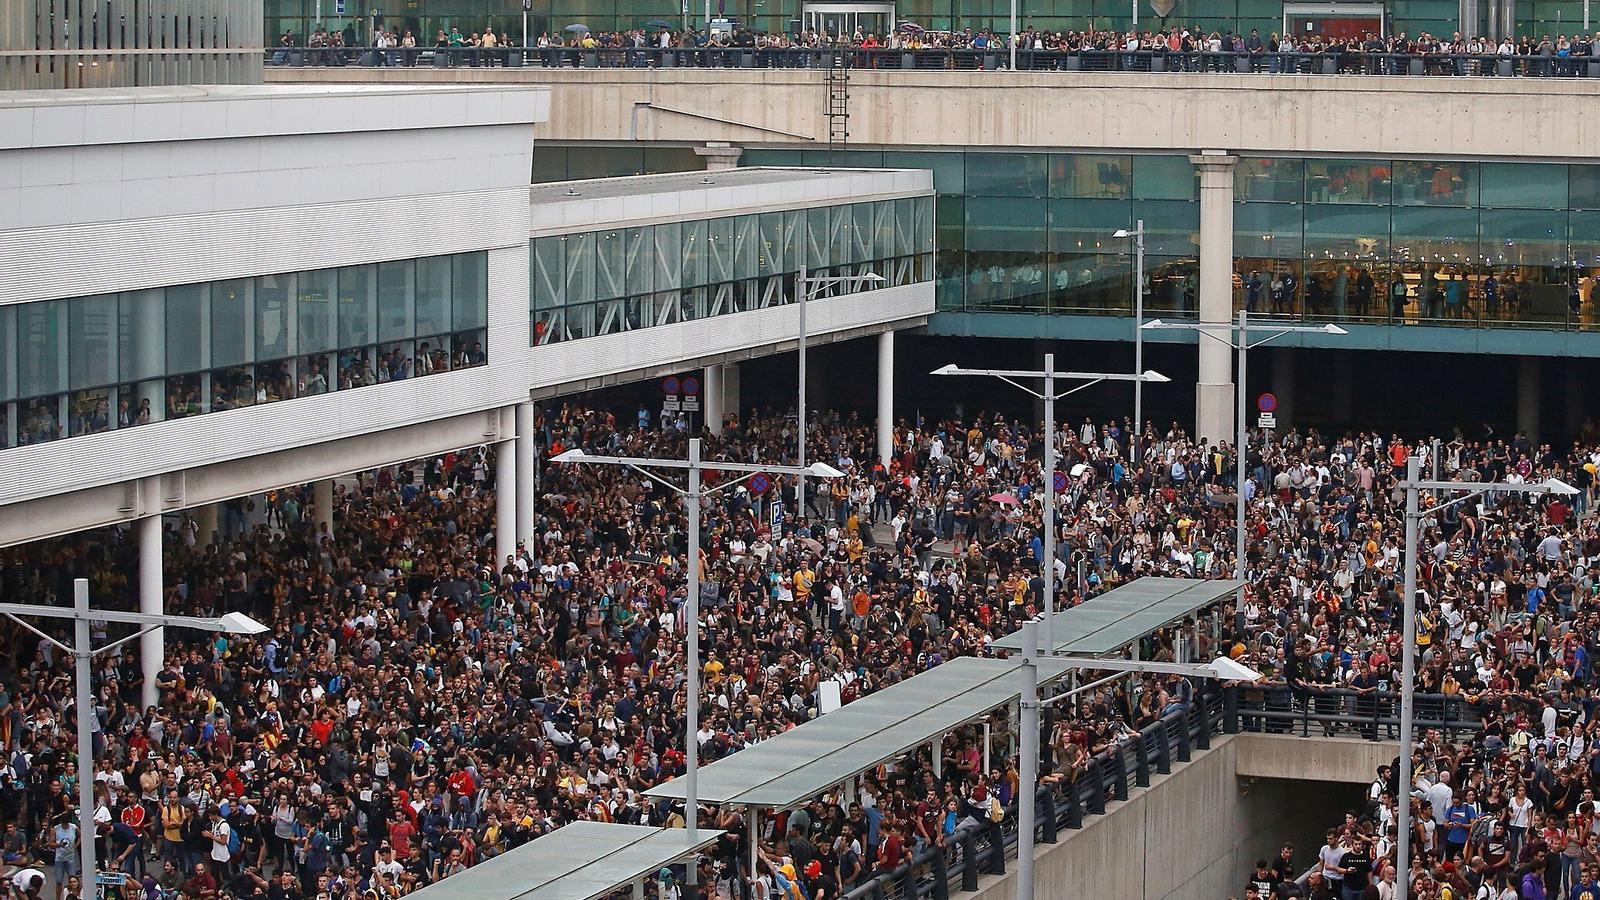 La zona d'embarcament de la T1, totalment col·lapsda de manifestants